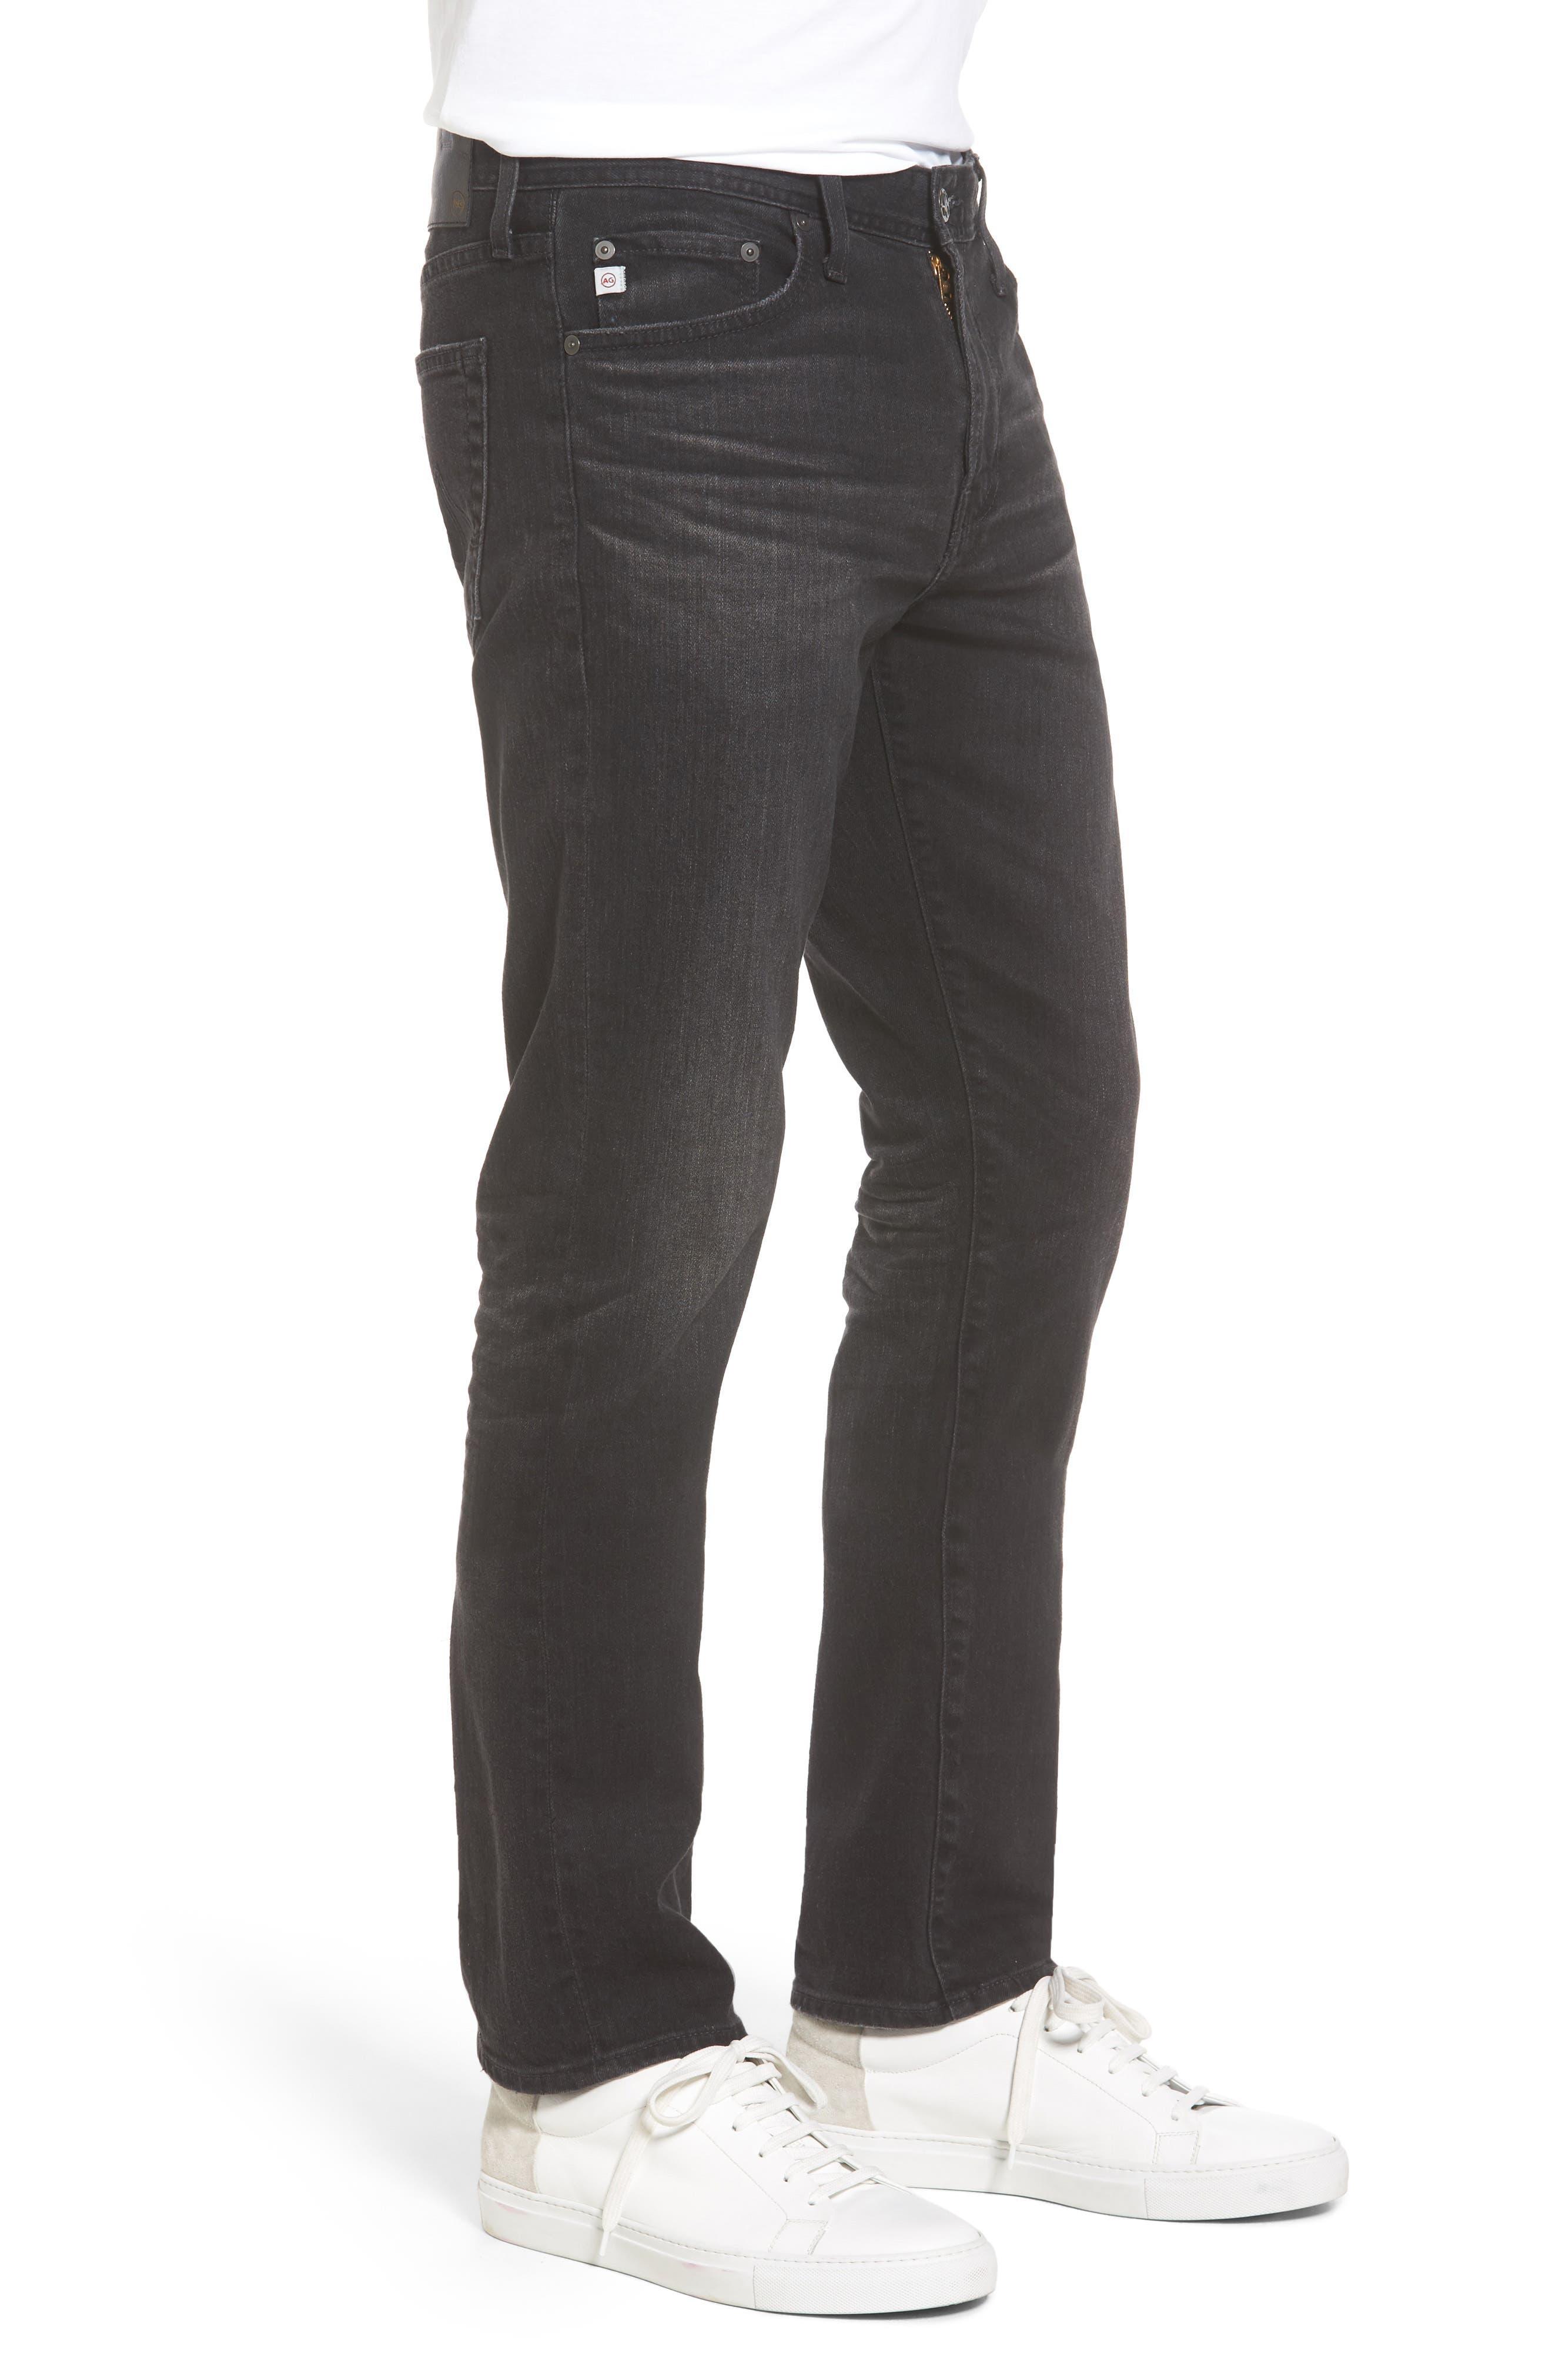 Everett Slim Straight Leg Jeans,                             Alternate thumbnail 4, color,                             4 Years Down